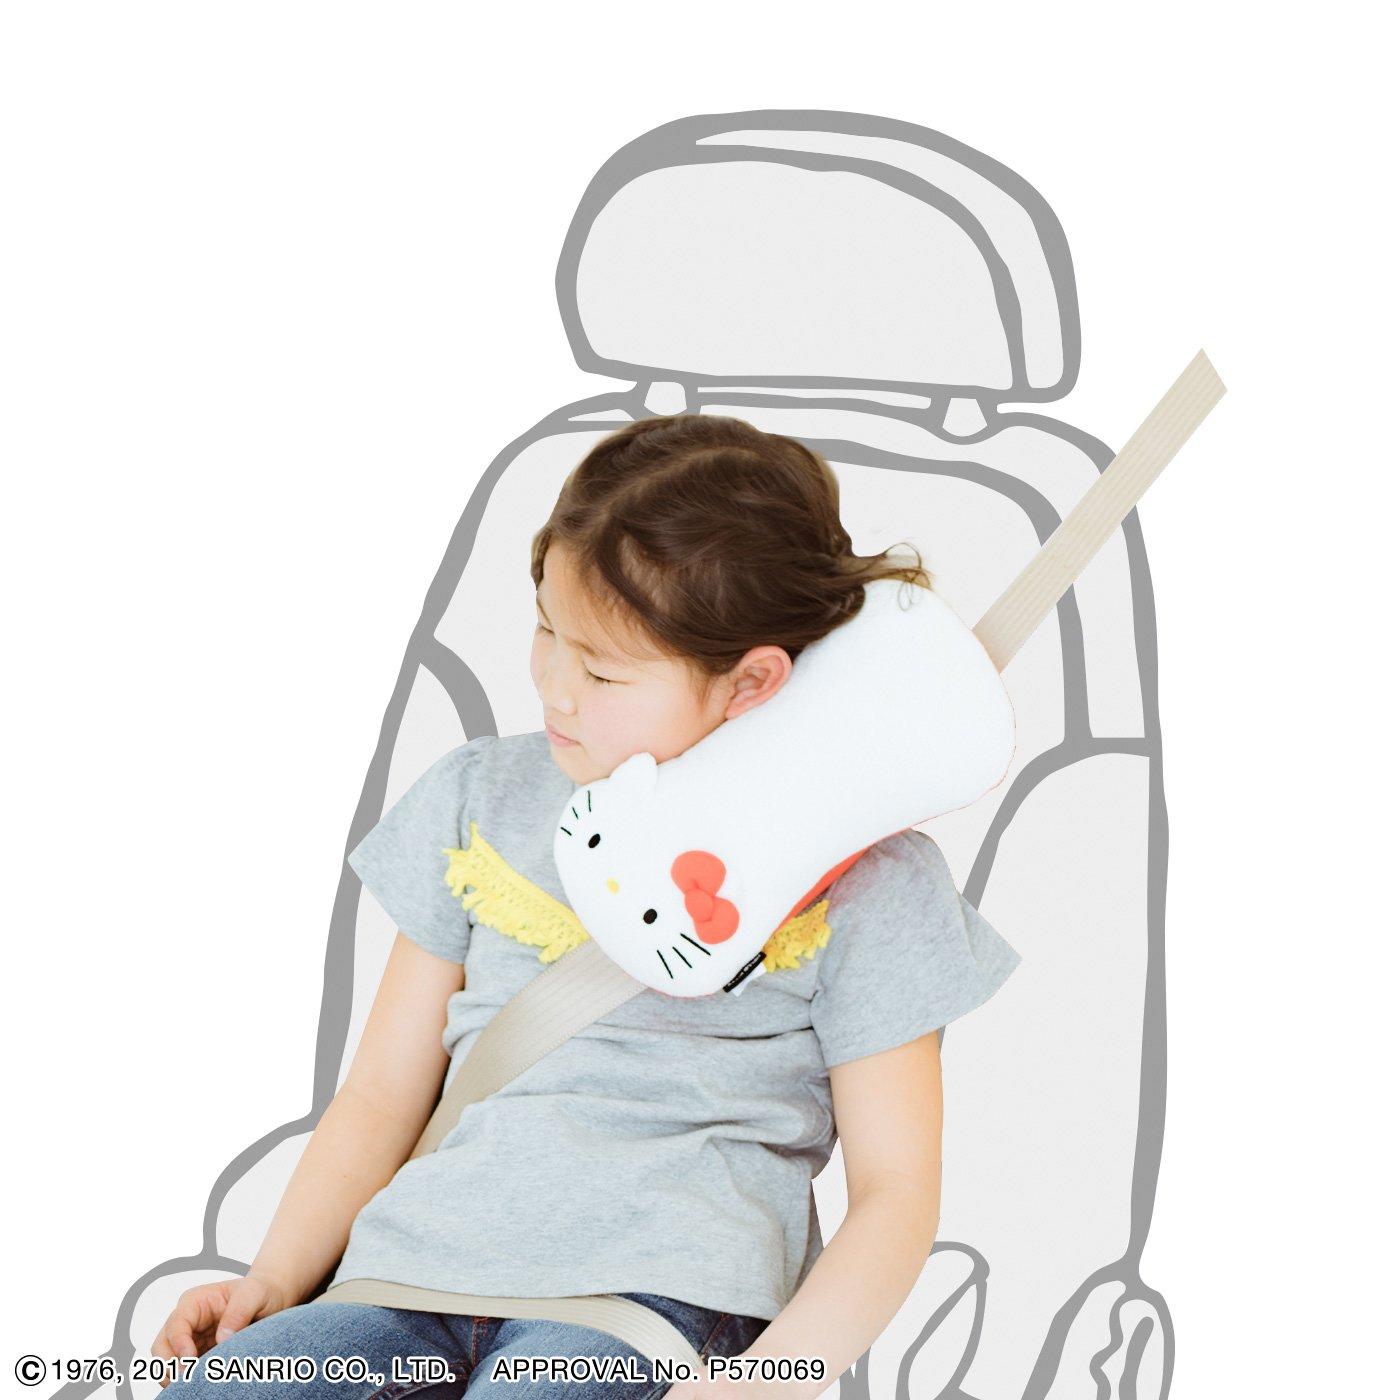 ハローキティ 長時間の移動も安心! すやすや眠れるシートベルト枕の会